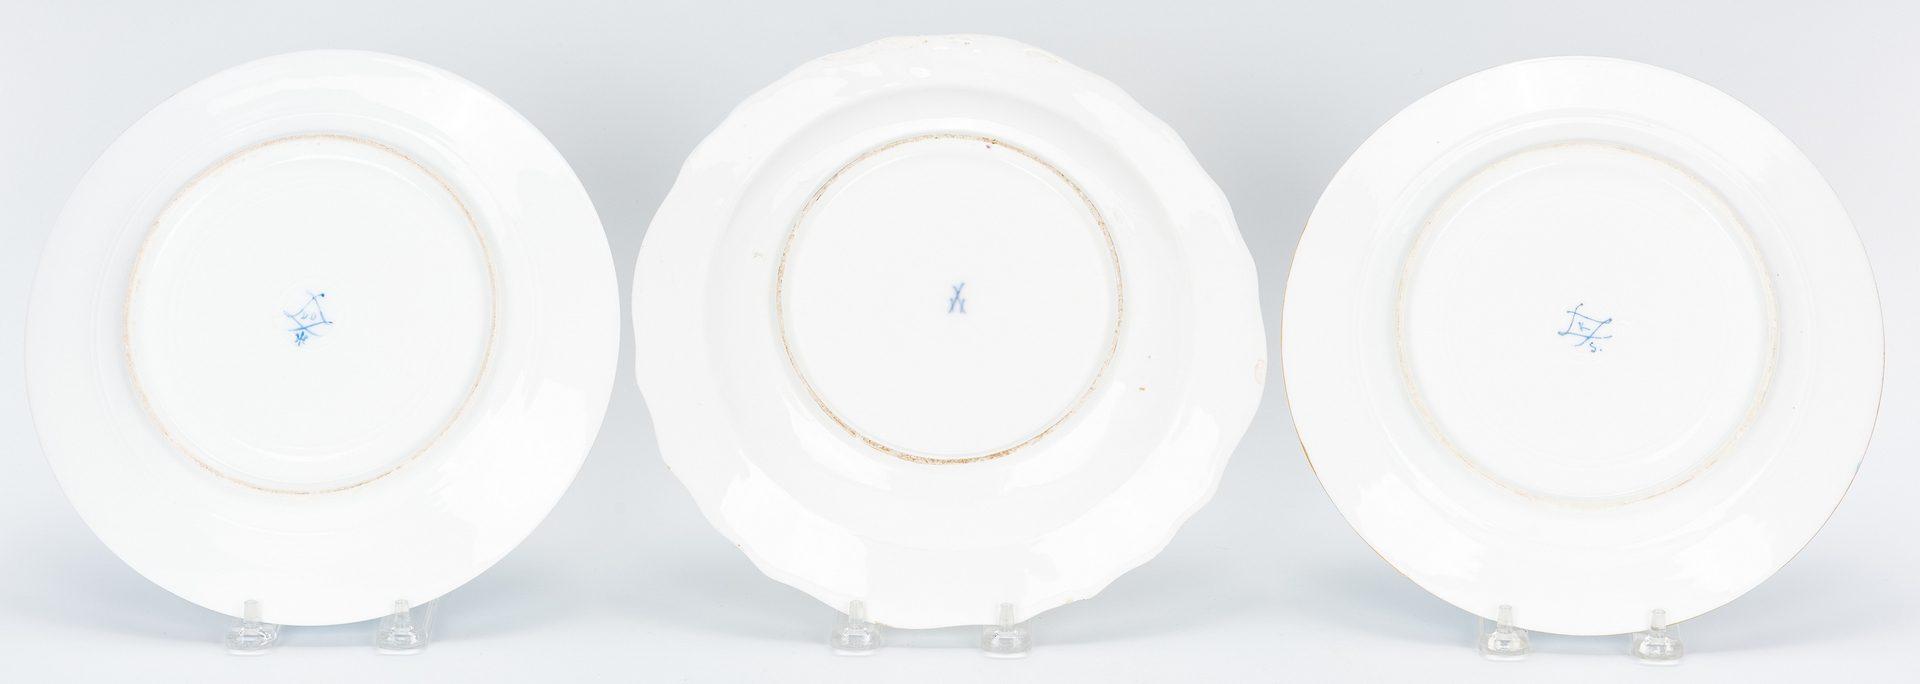 Lot 481: 7 European Porcelain Items, incl. Royal Vienna & Meissen